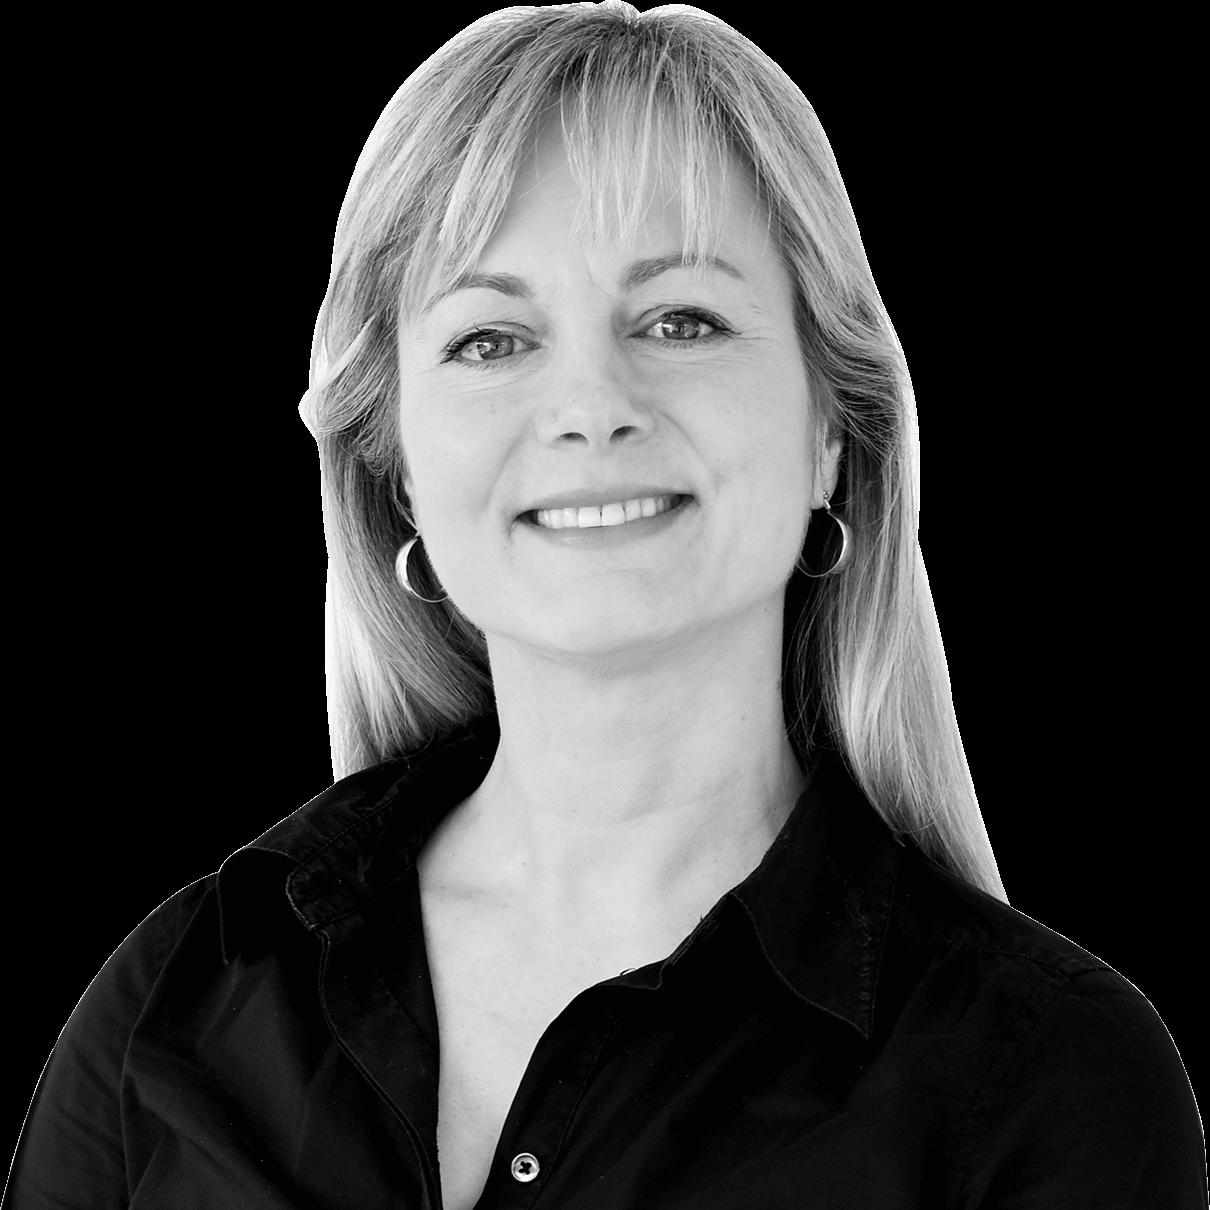 Bianka Schneider